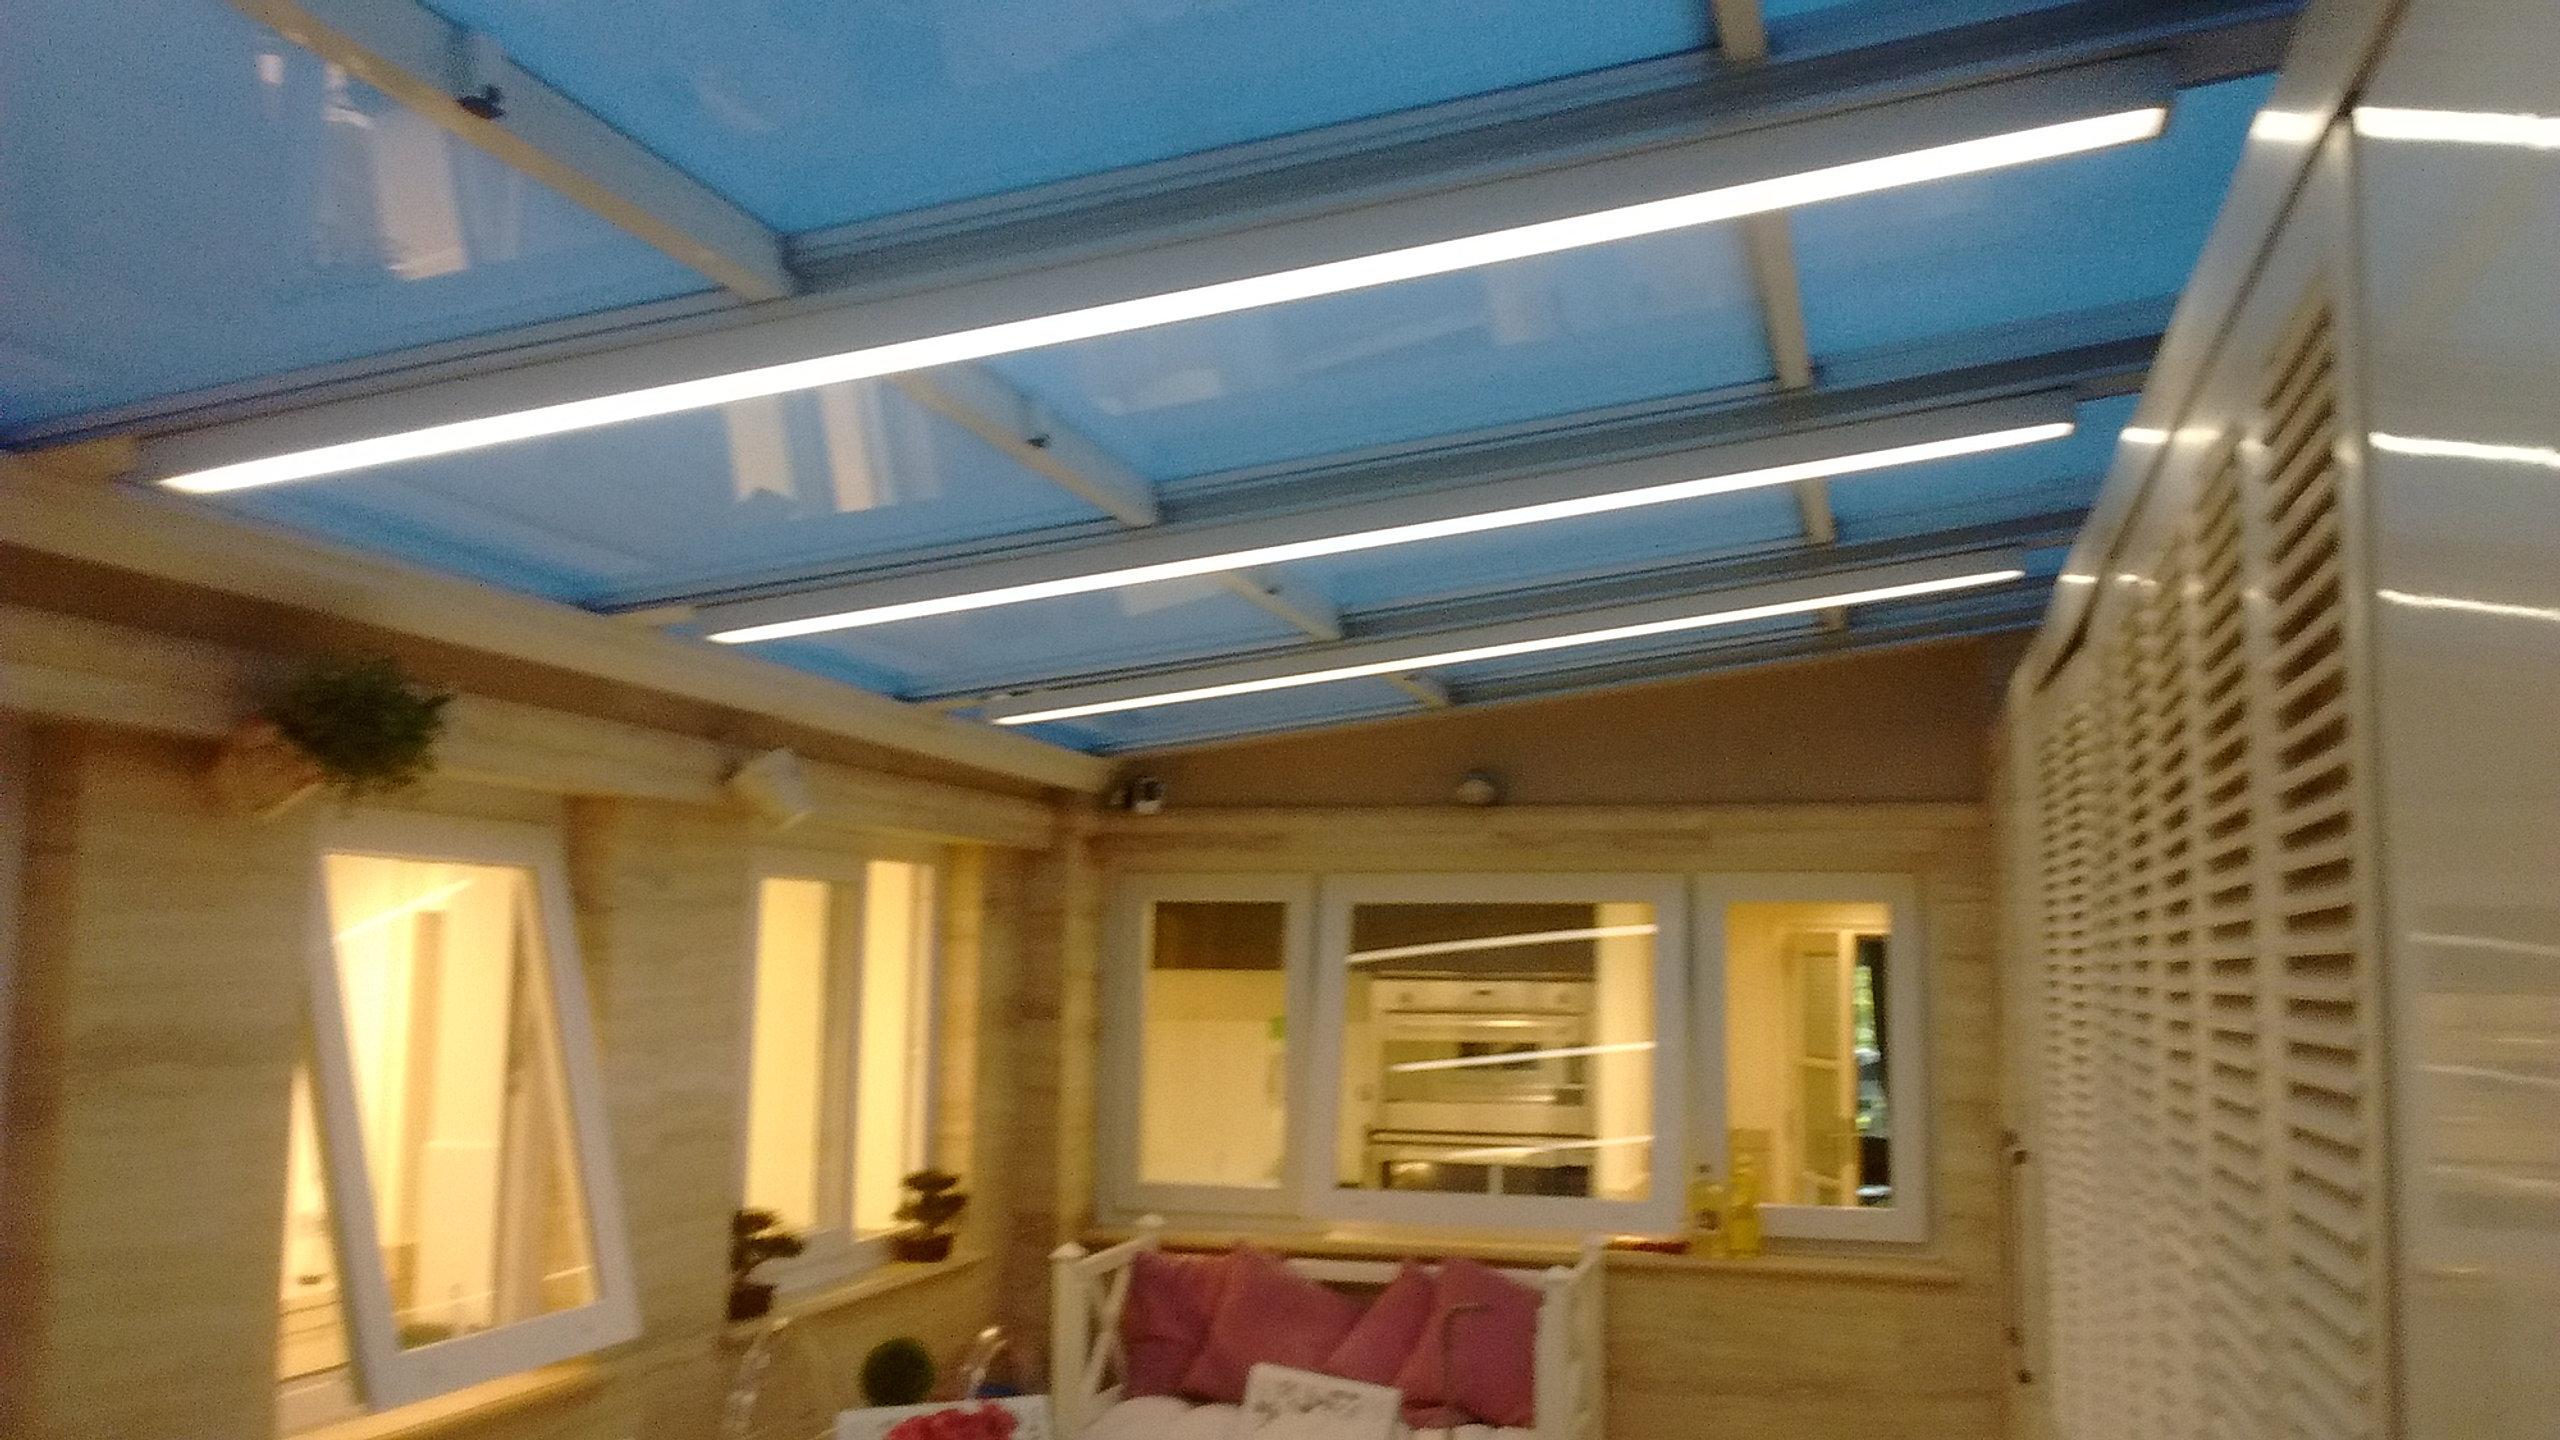 Cerramientosmirage techo de policarbonato for Techos de policarbonato para balcones